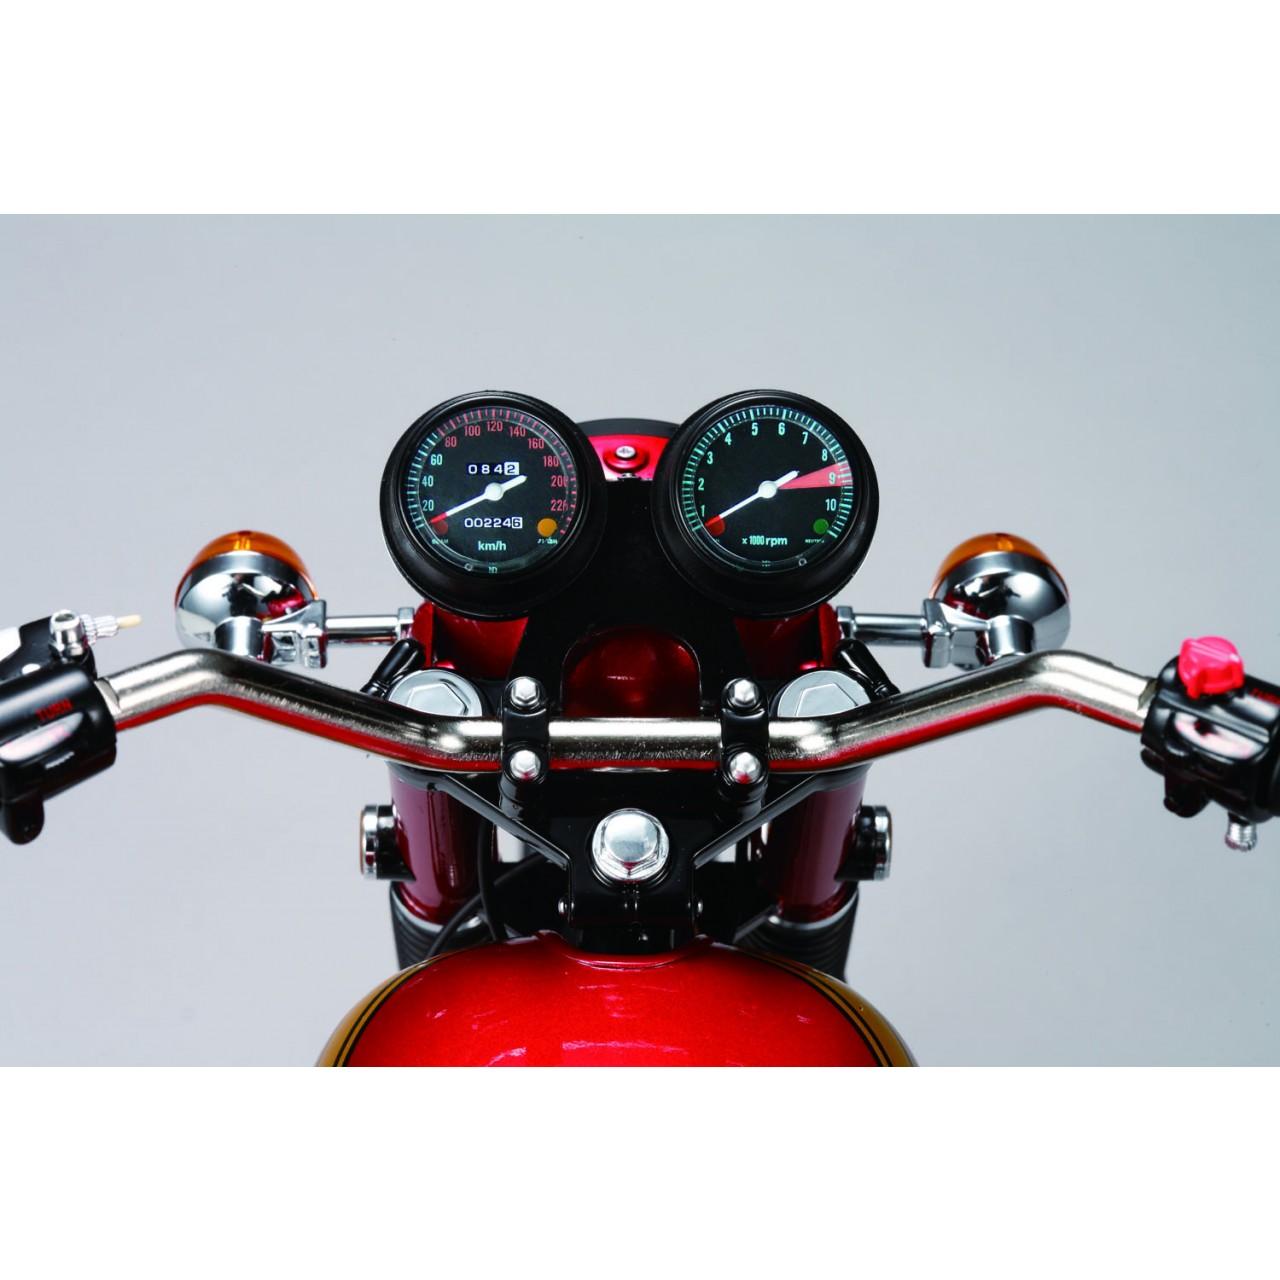 Honda Dream CB750   Altaya ModelSpace